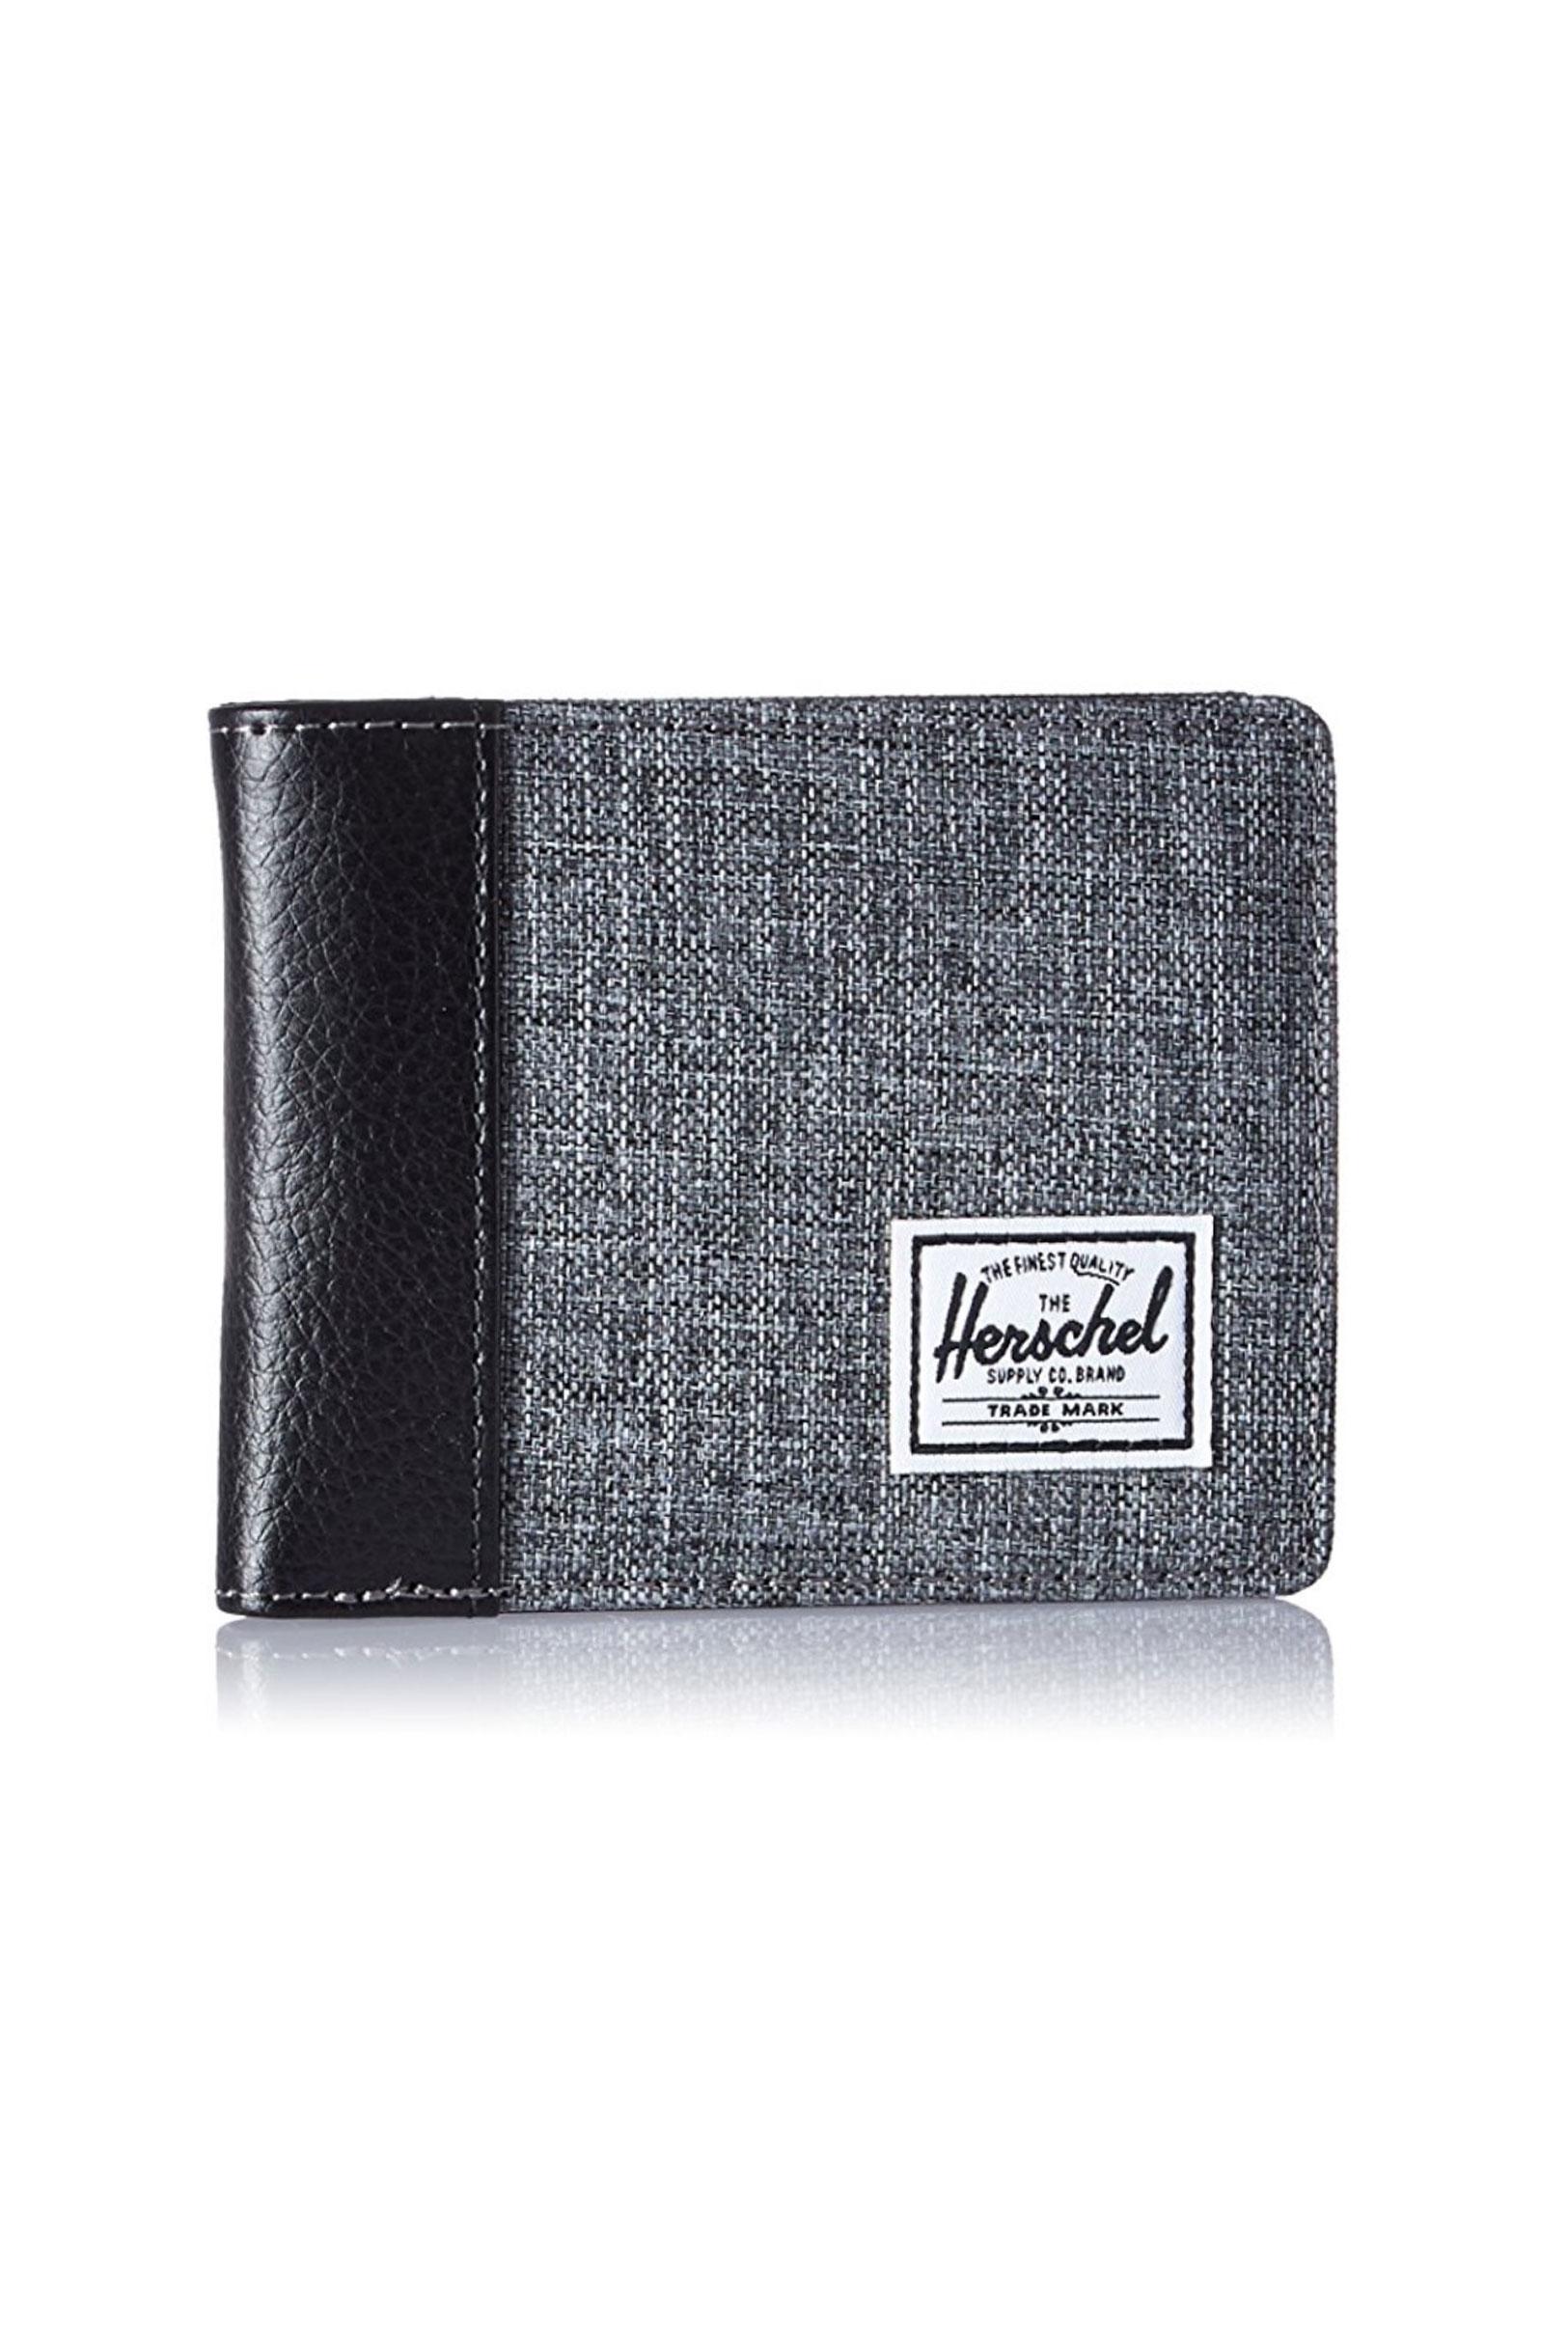 Bi-Fold-Wallet.jpg